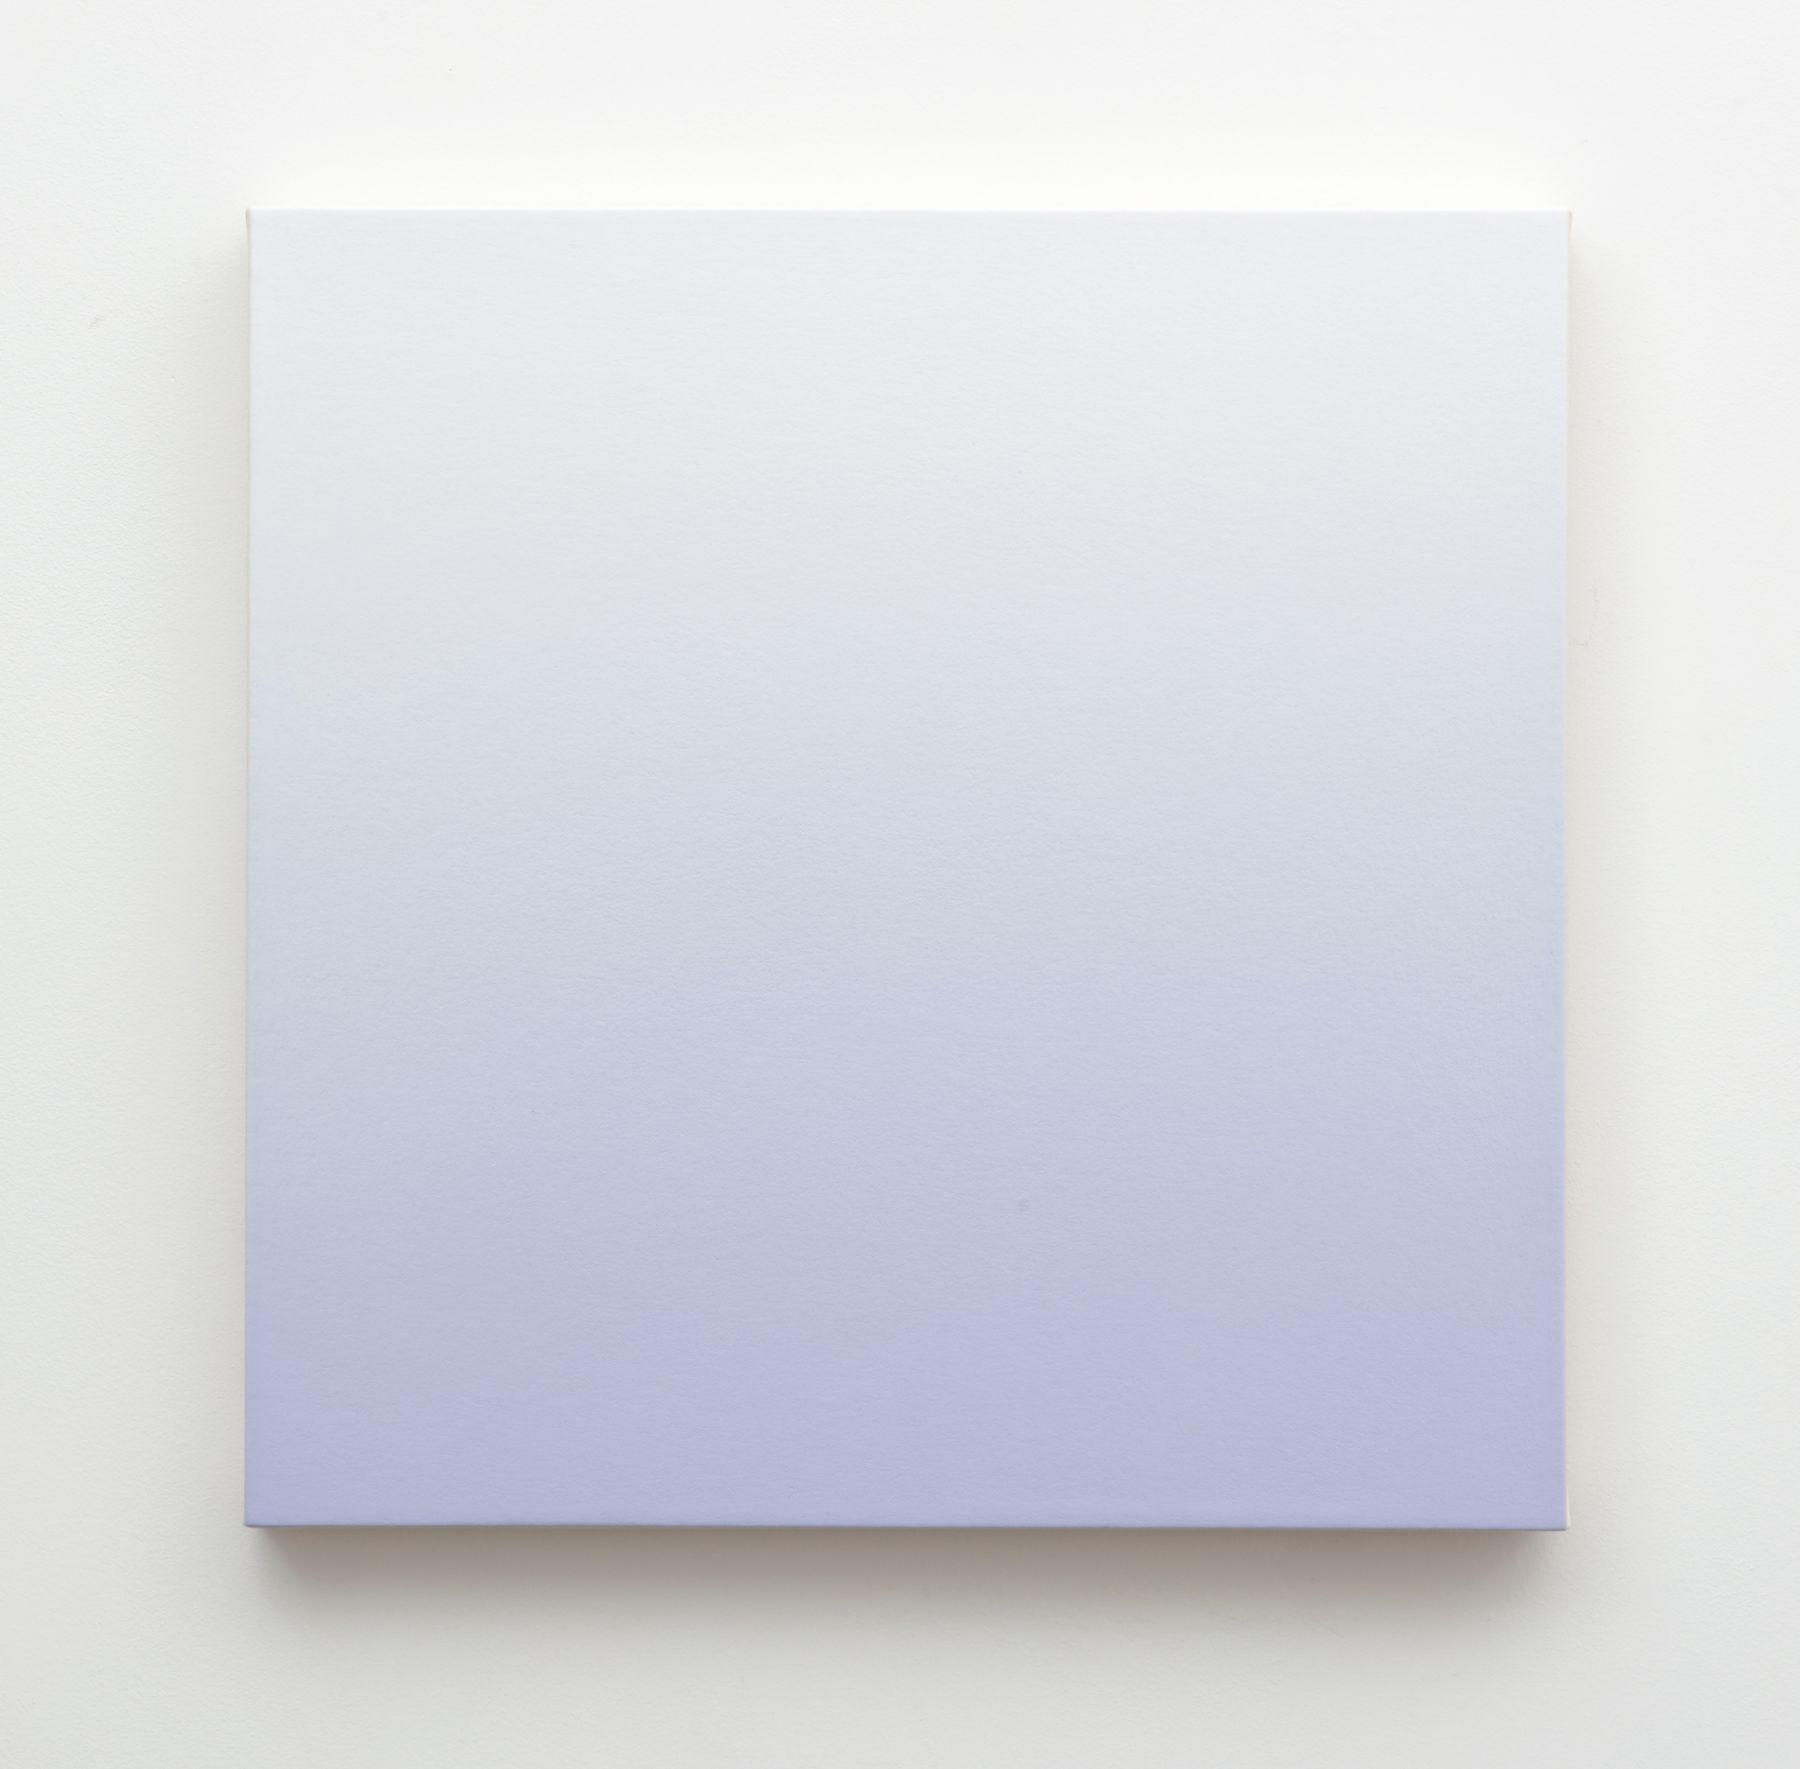 Kristen Cliburn, Deliquescent II, 2018